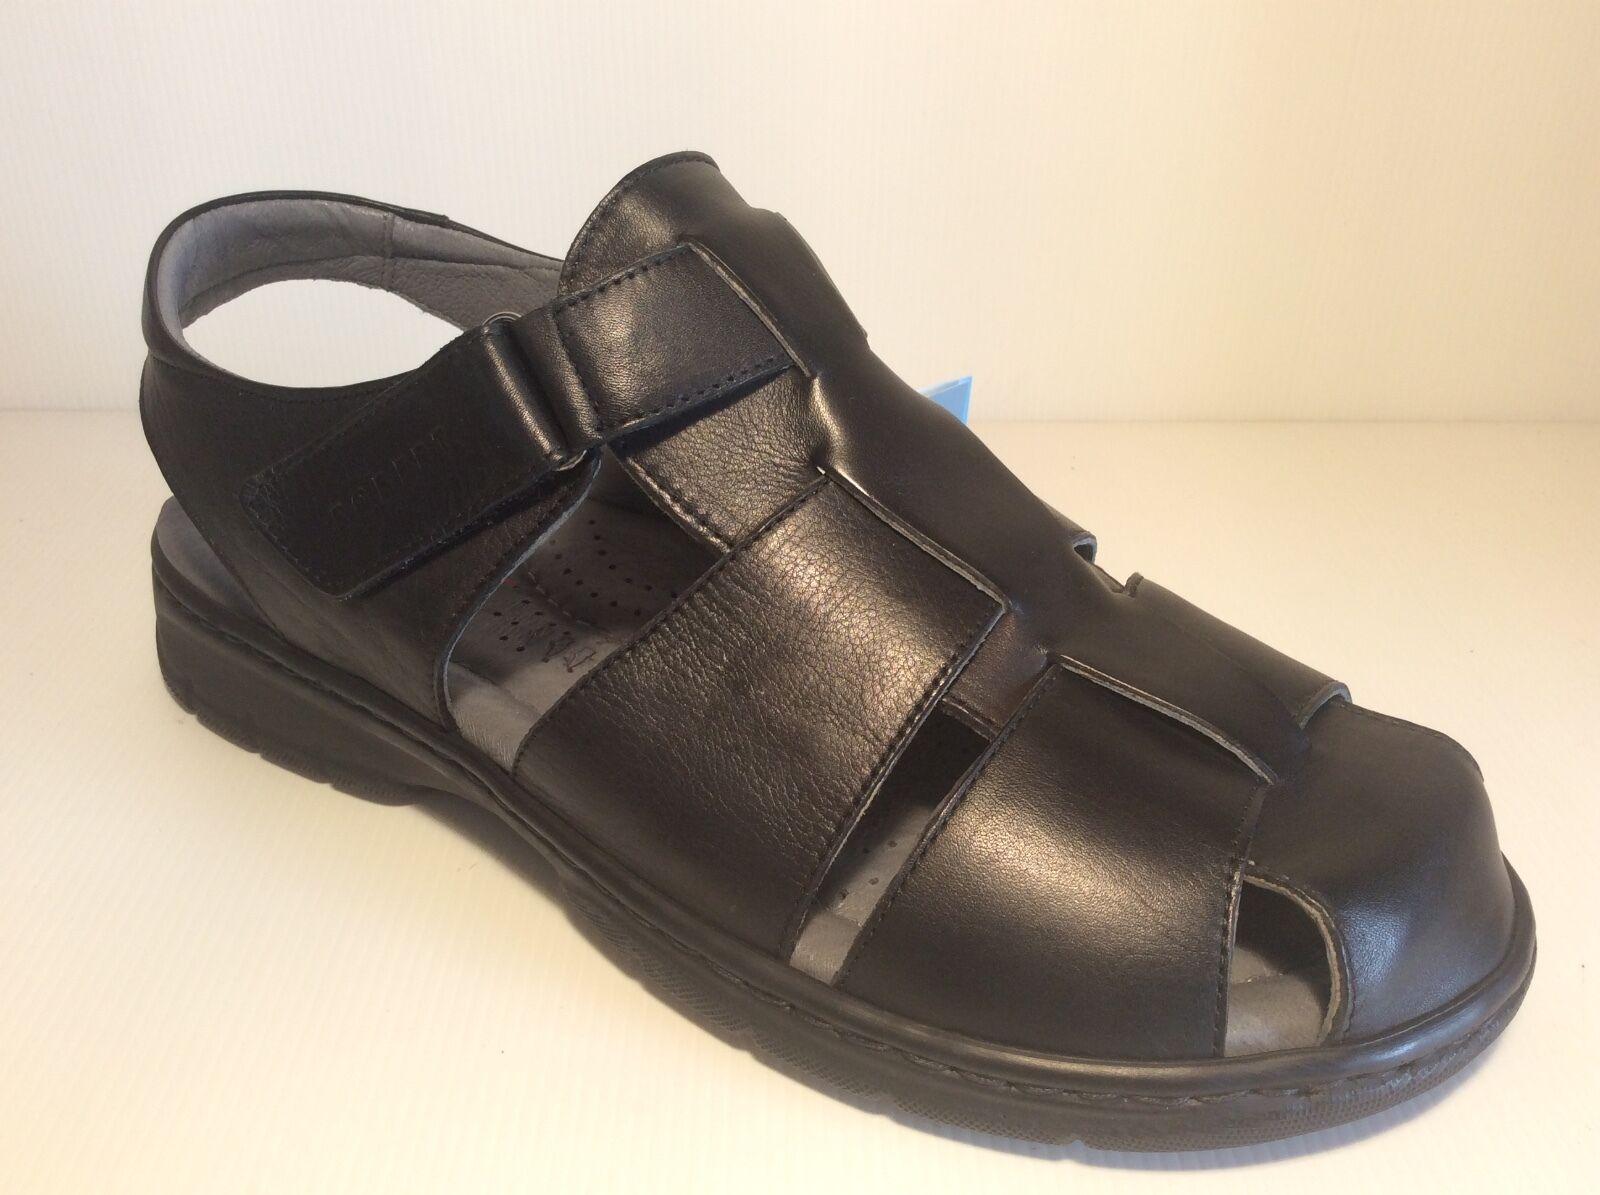 Robert 85615 Schwarz Sandalen Herren Schuhe Spitze Geschlossen Comfort Leder